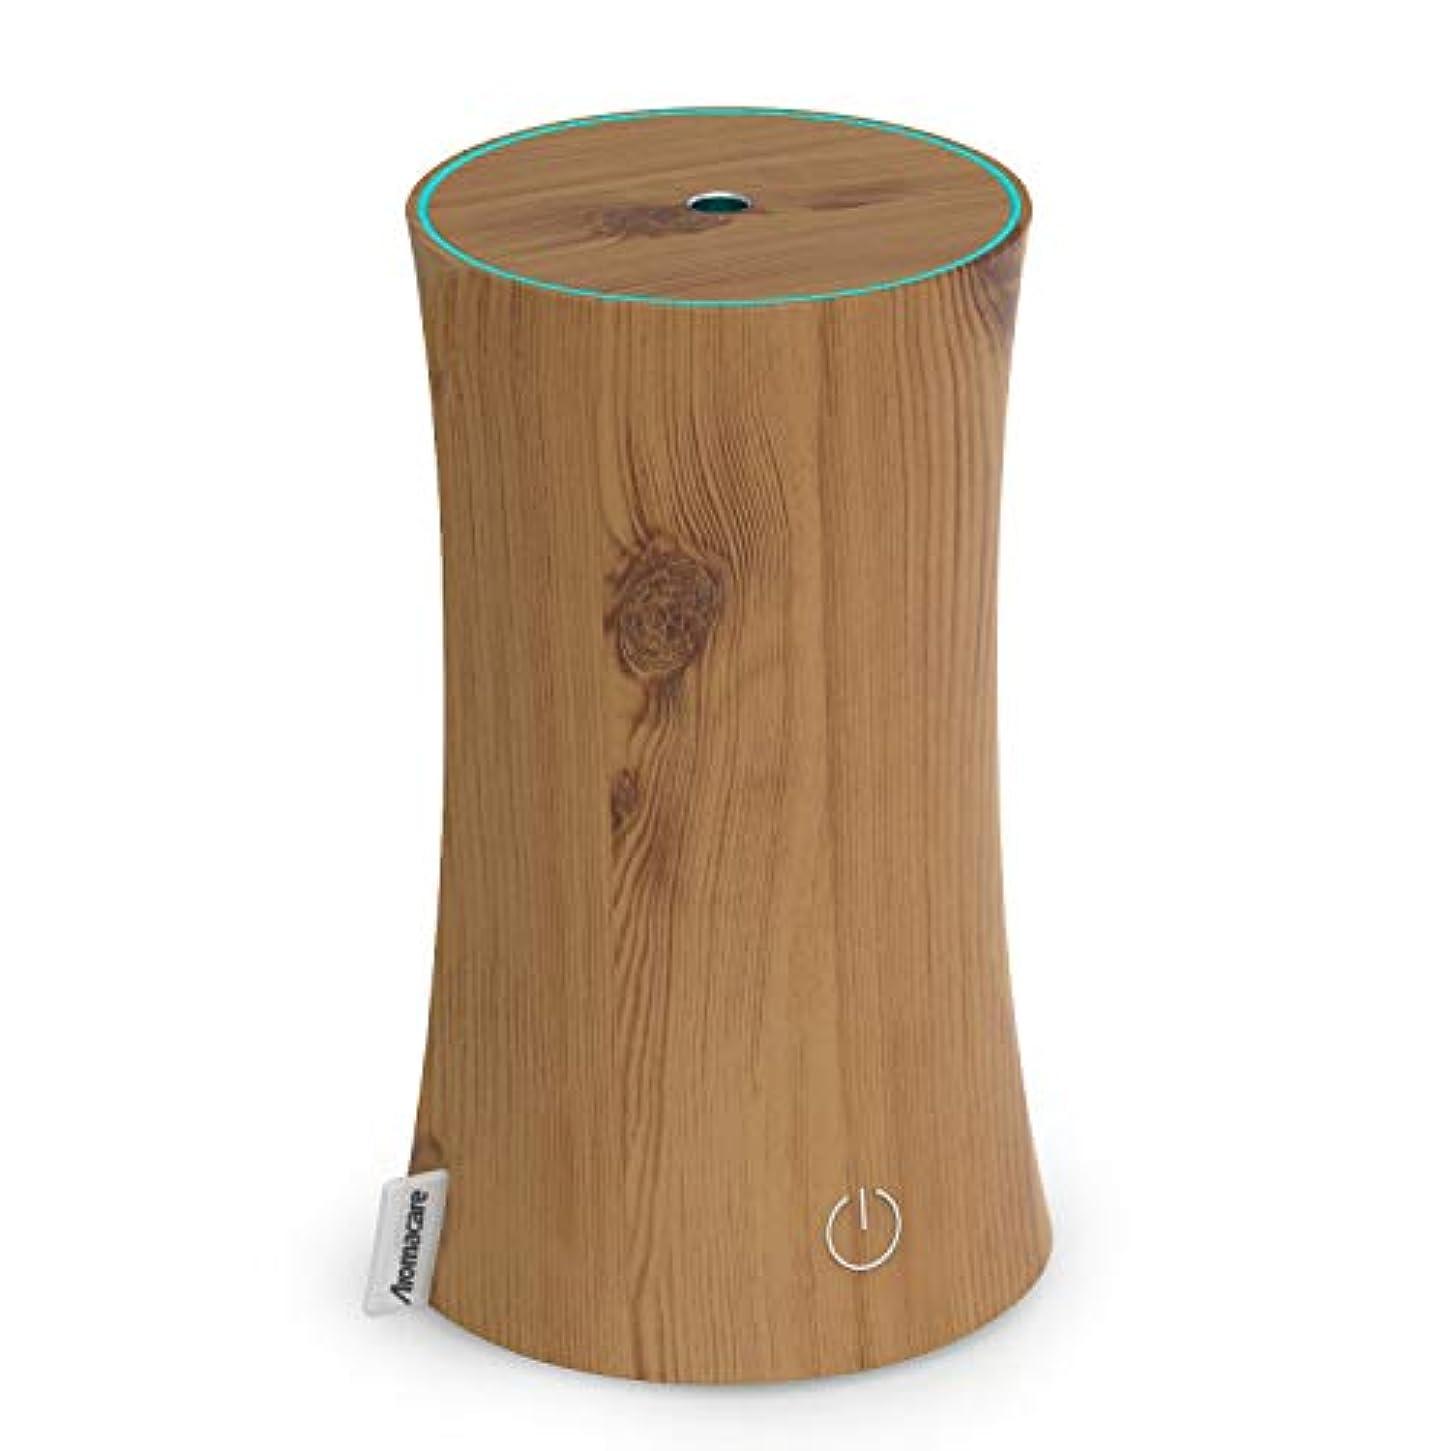 統合するしてはいけない花輪アロマディフューザー 卓上加湿器 センサー付き 超音波式 空焚き防止 低騒音 300ml 連続運転 各場所用 省エネ 木目調 木の色